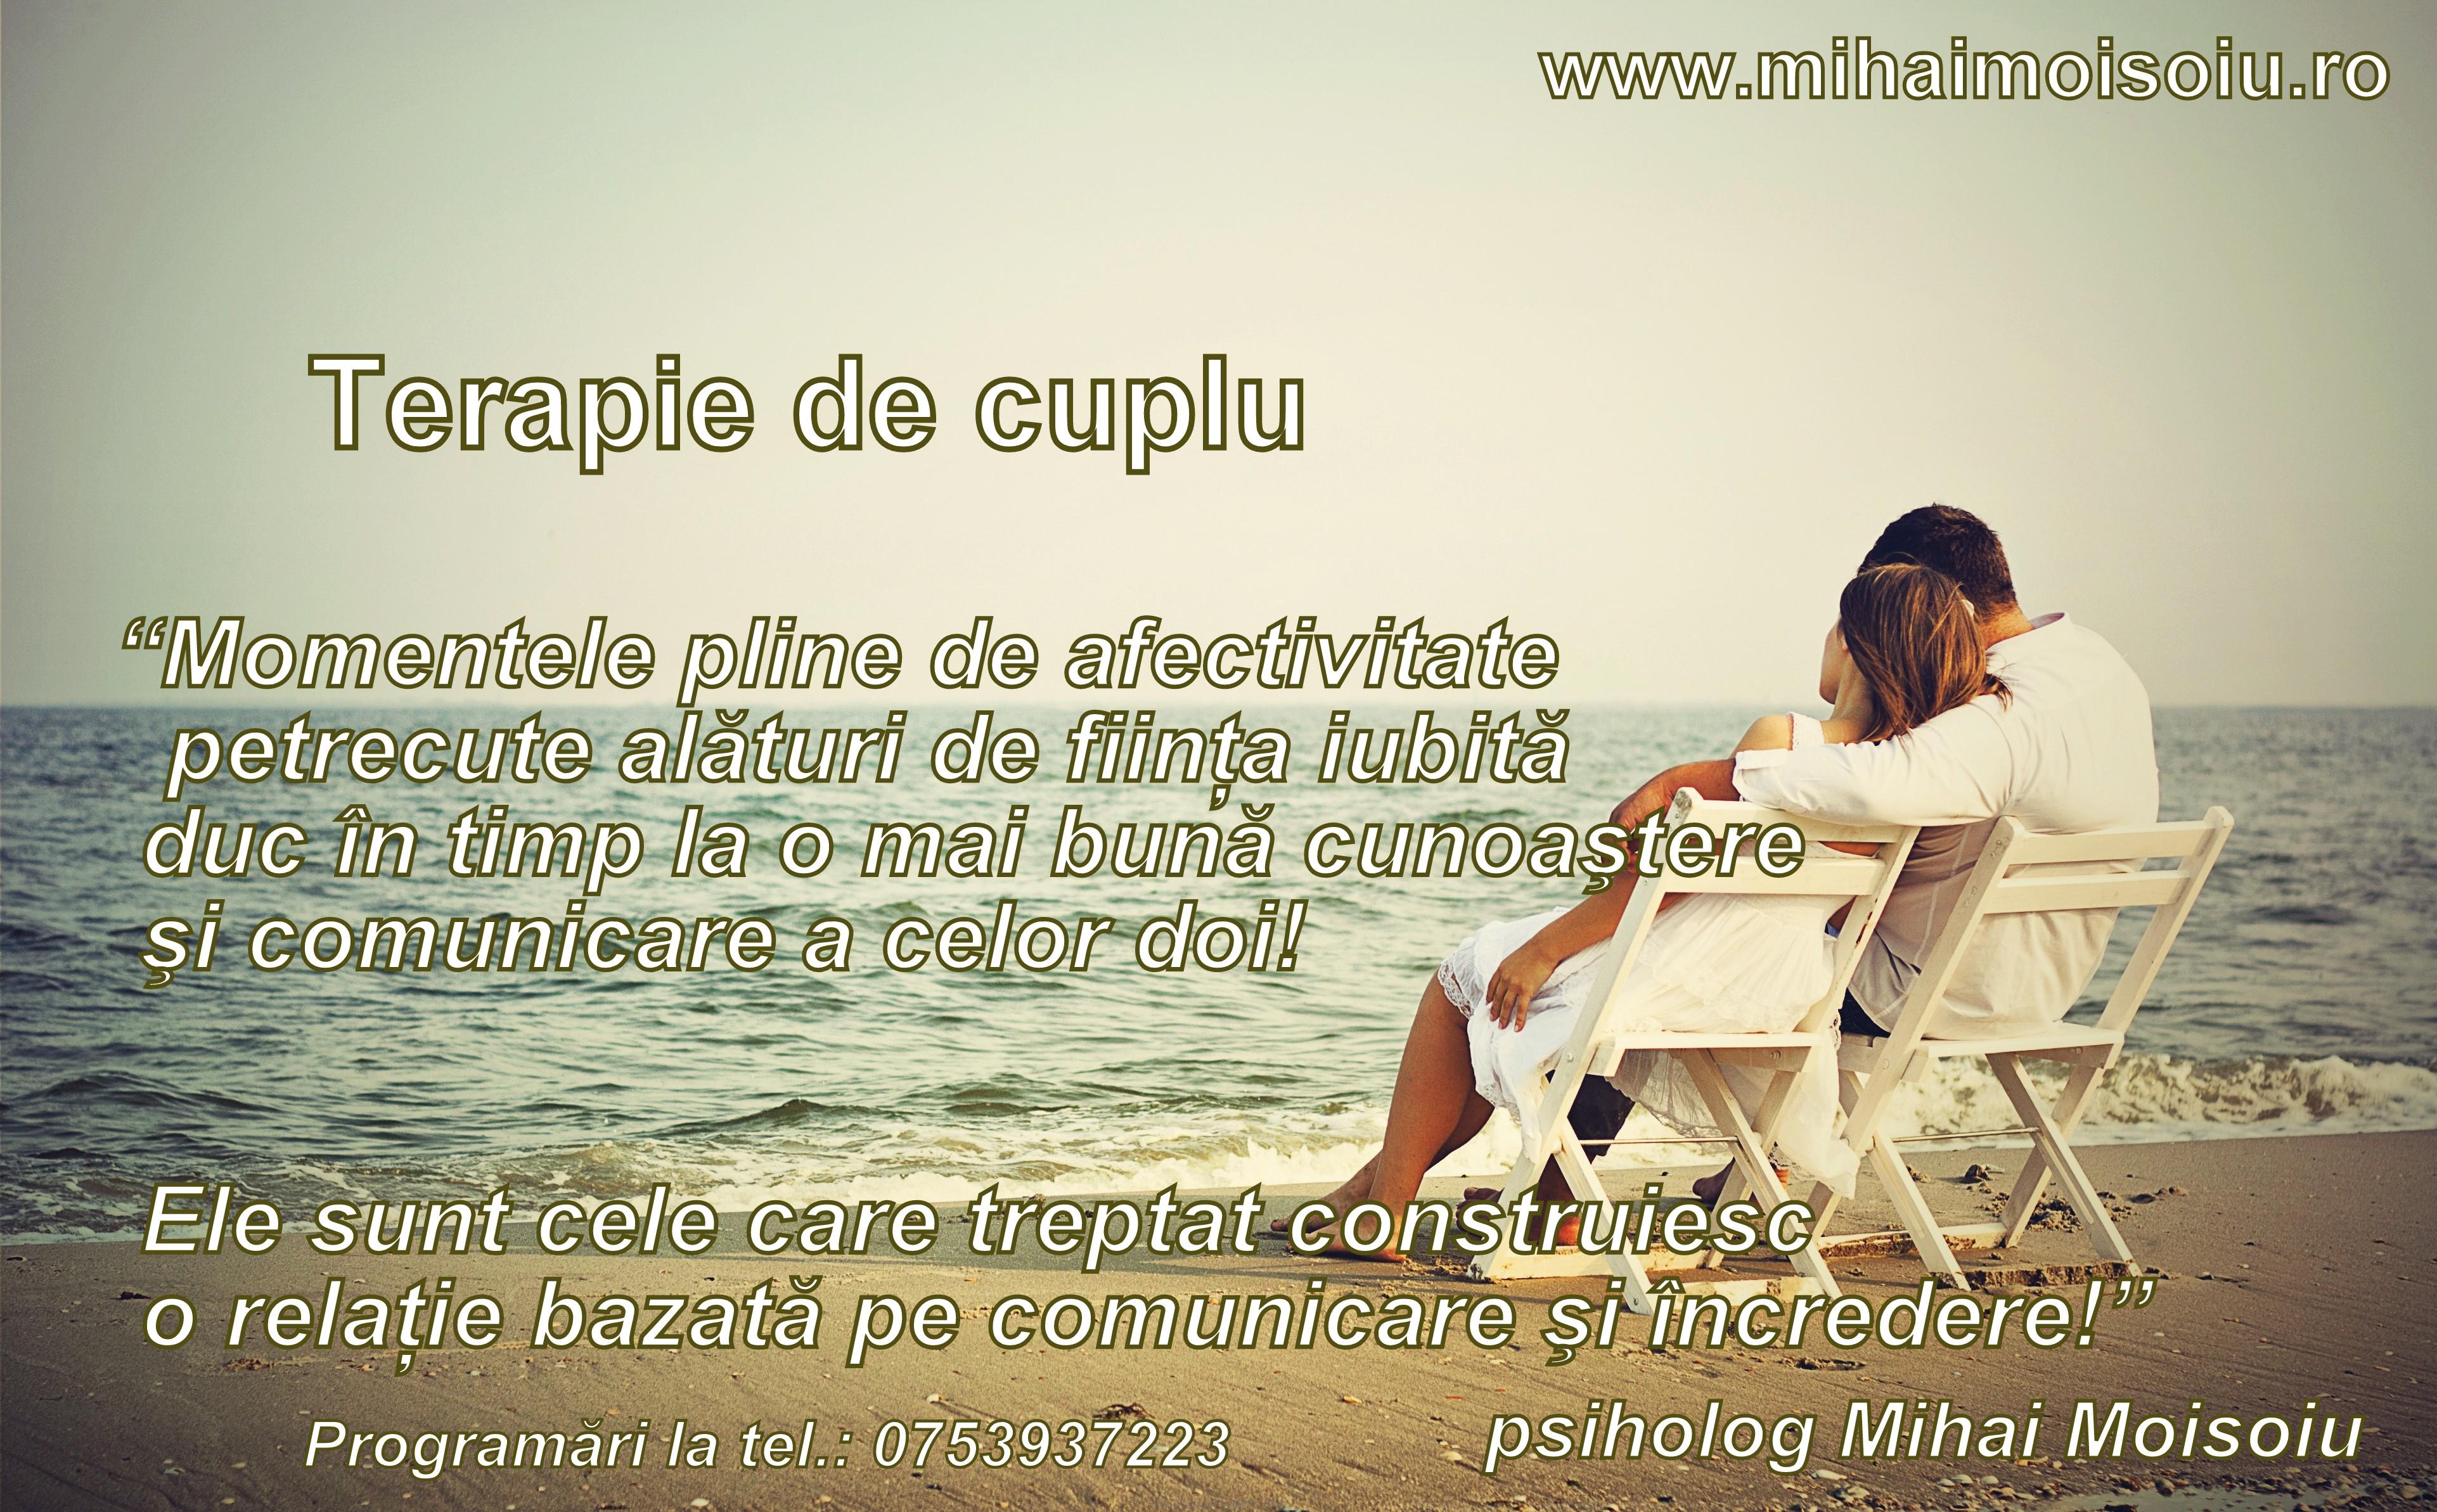 TERAPIE DE CUPLU (I)